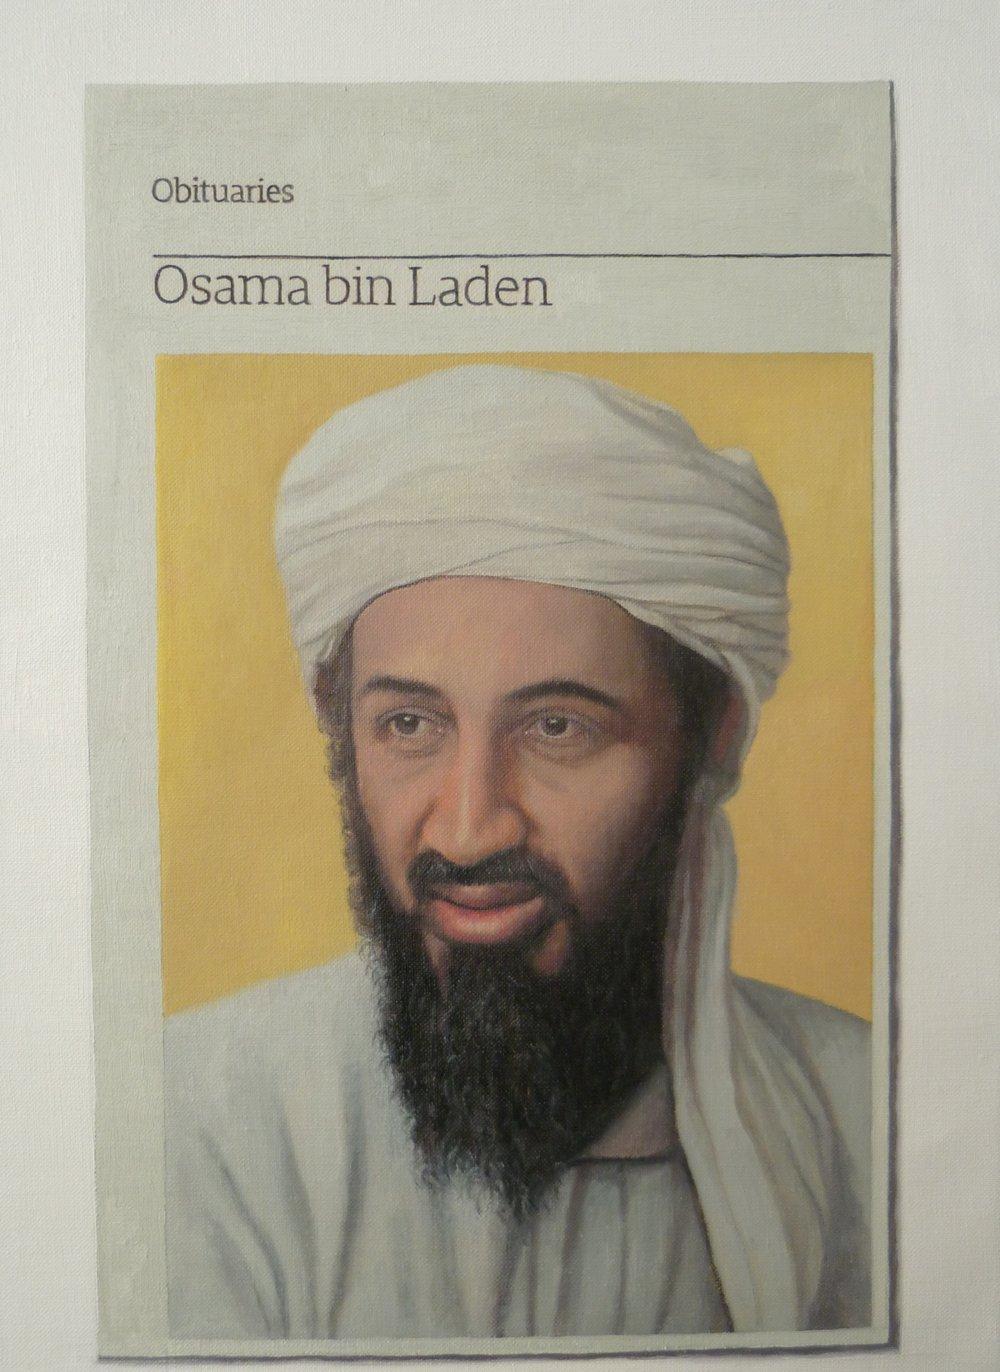 Obituary: Osama Bin Laden, 2011